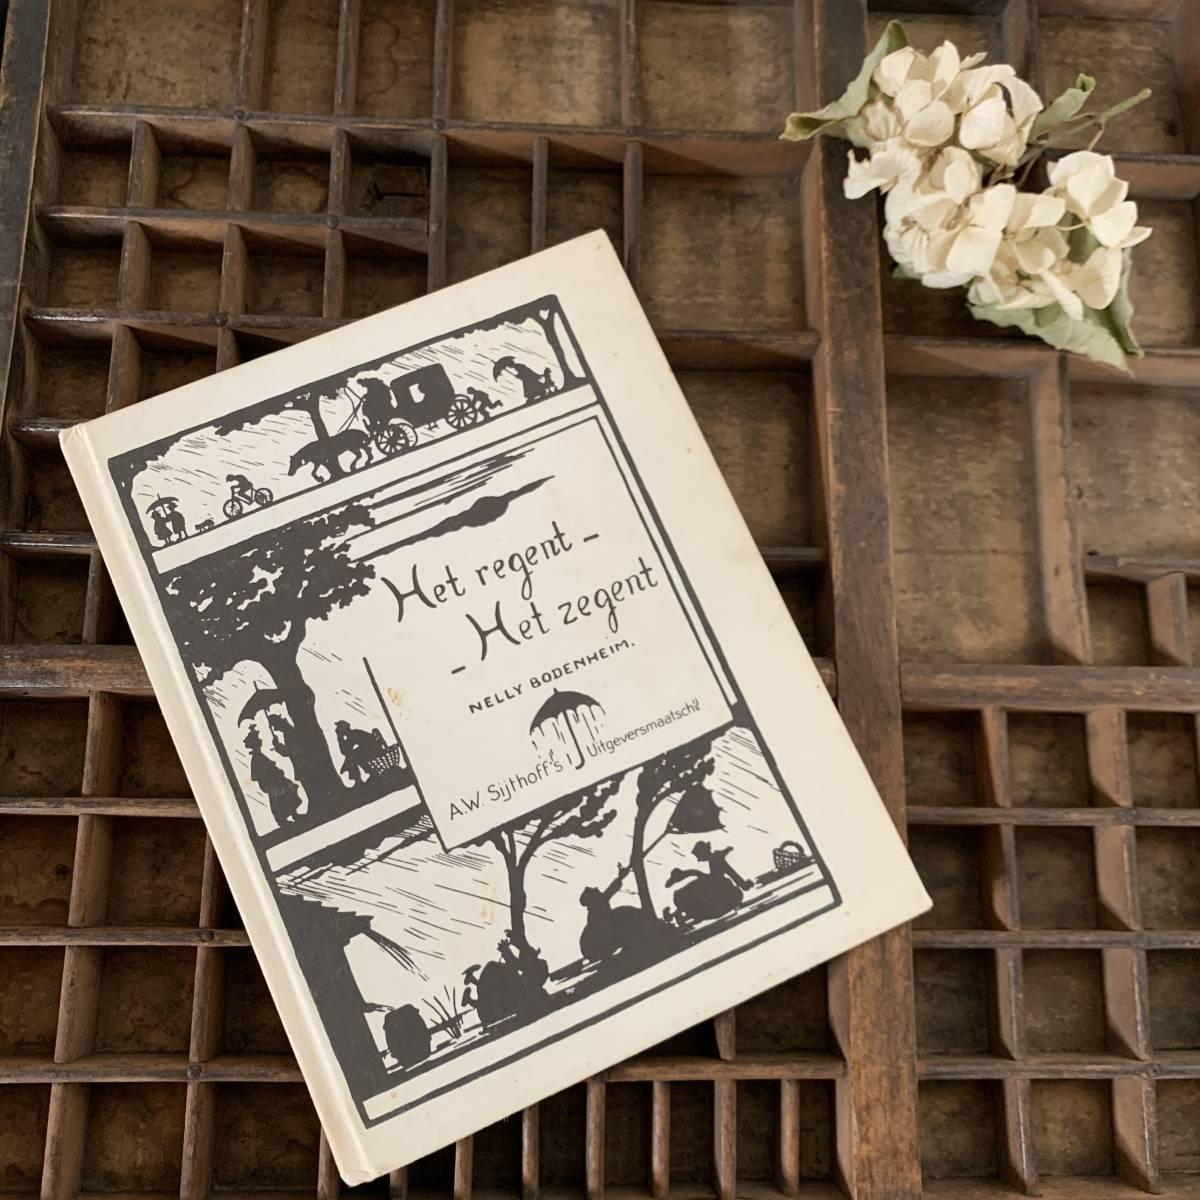 オランダ蚤の市 影絵の本 1979年 ヴィンテージ インテリア シャビー シルエット 絵本 洋書 雑貨 ディスプレイ